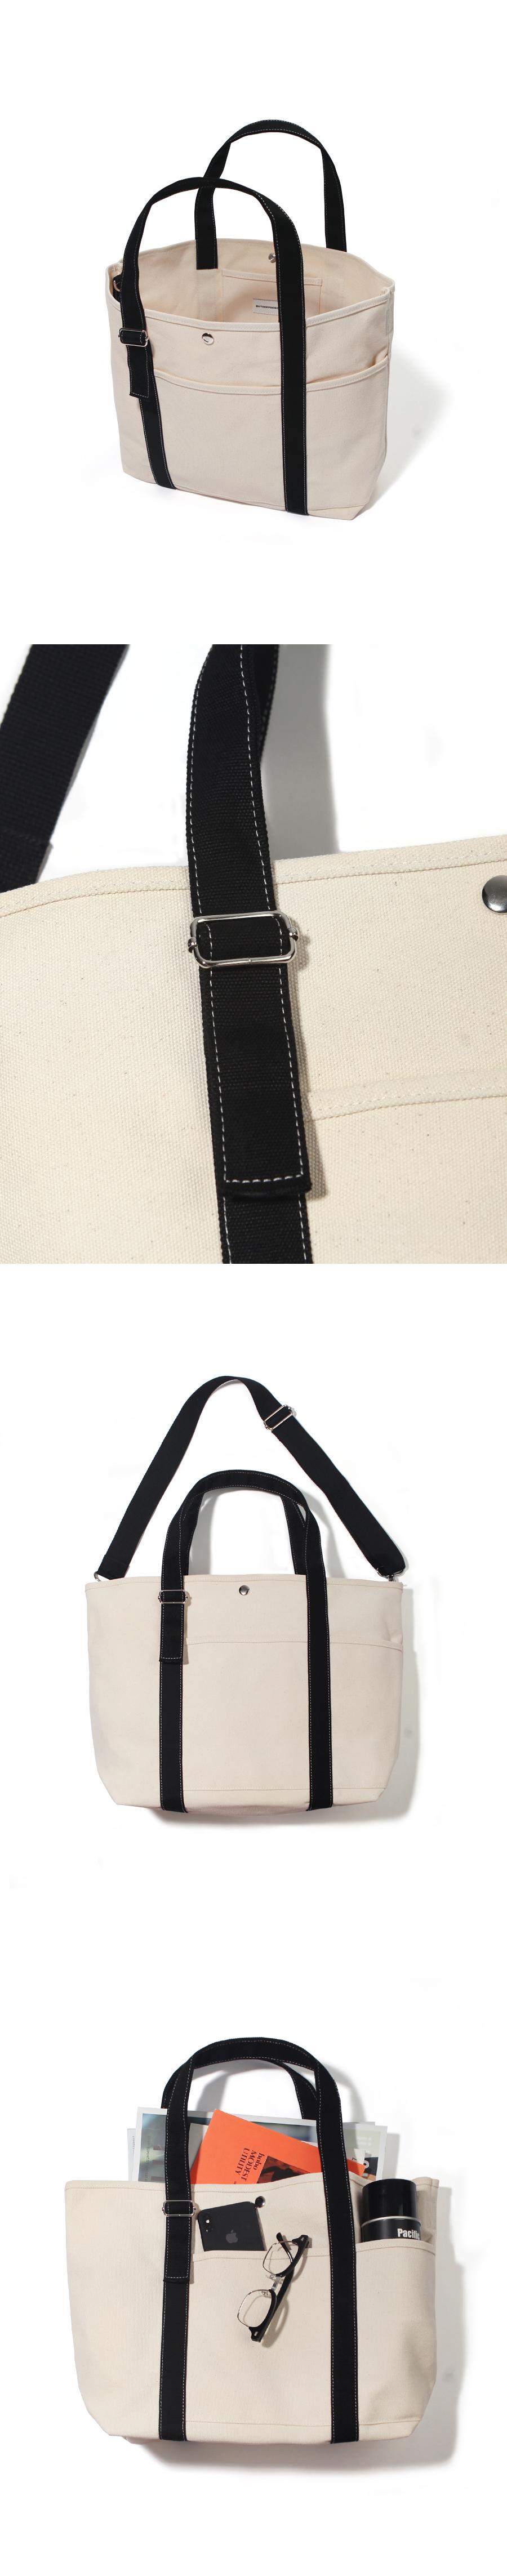 20 2포켓 베이직 토트-네추럴/블랙